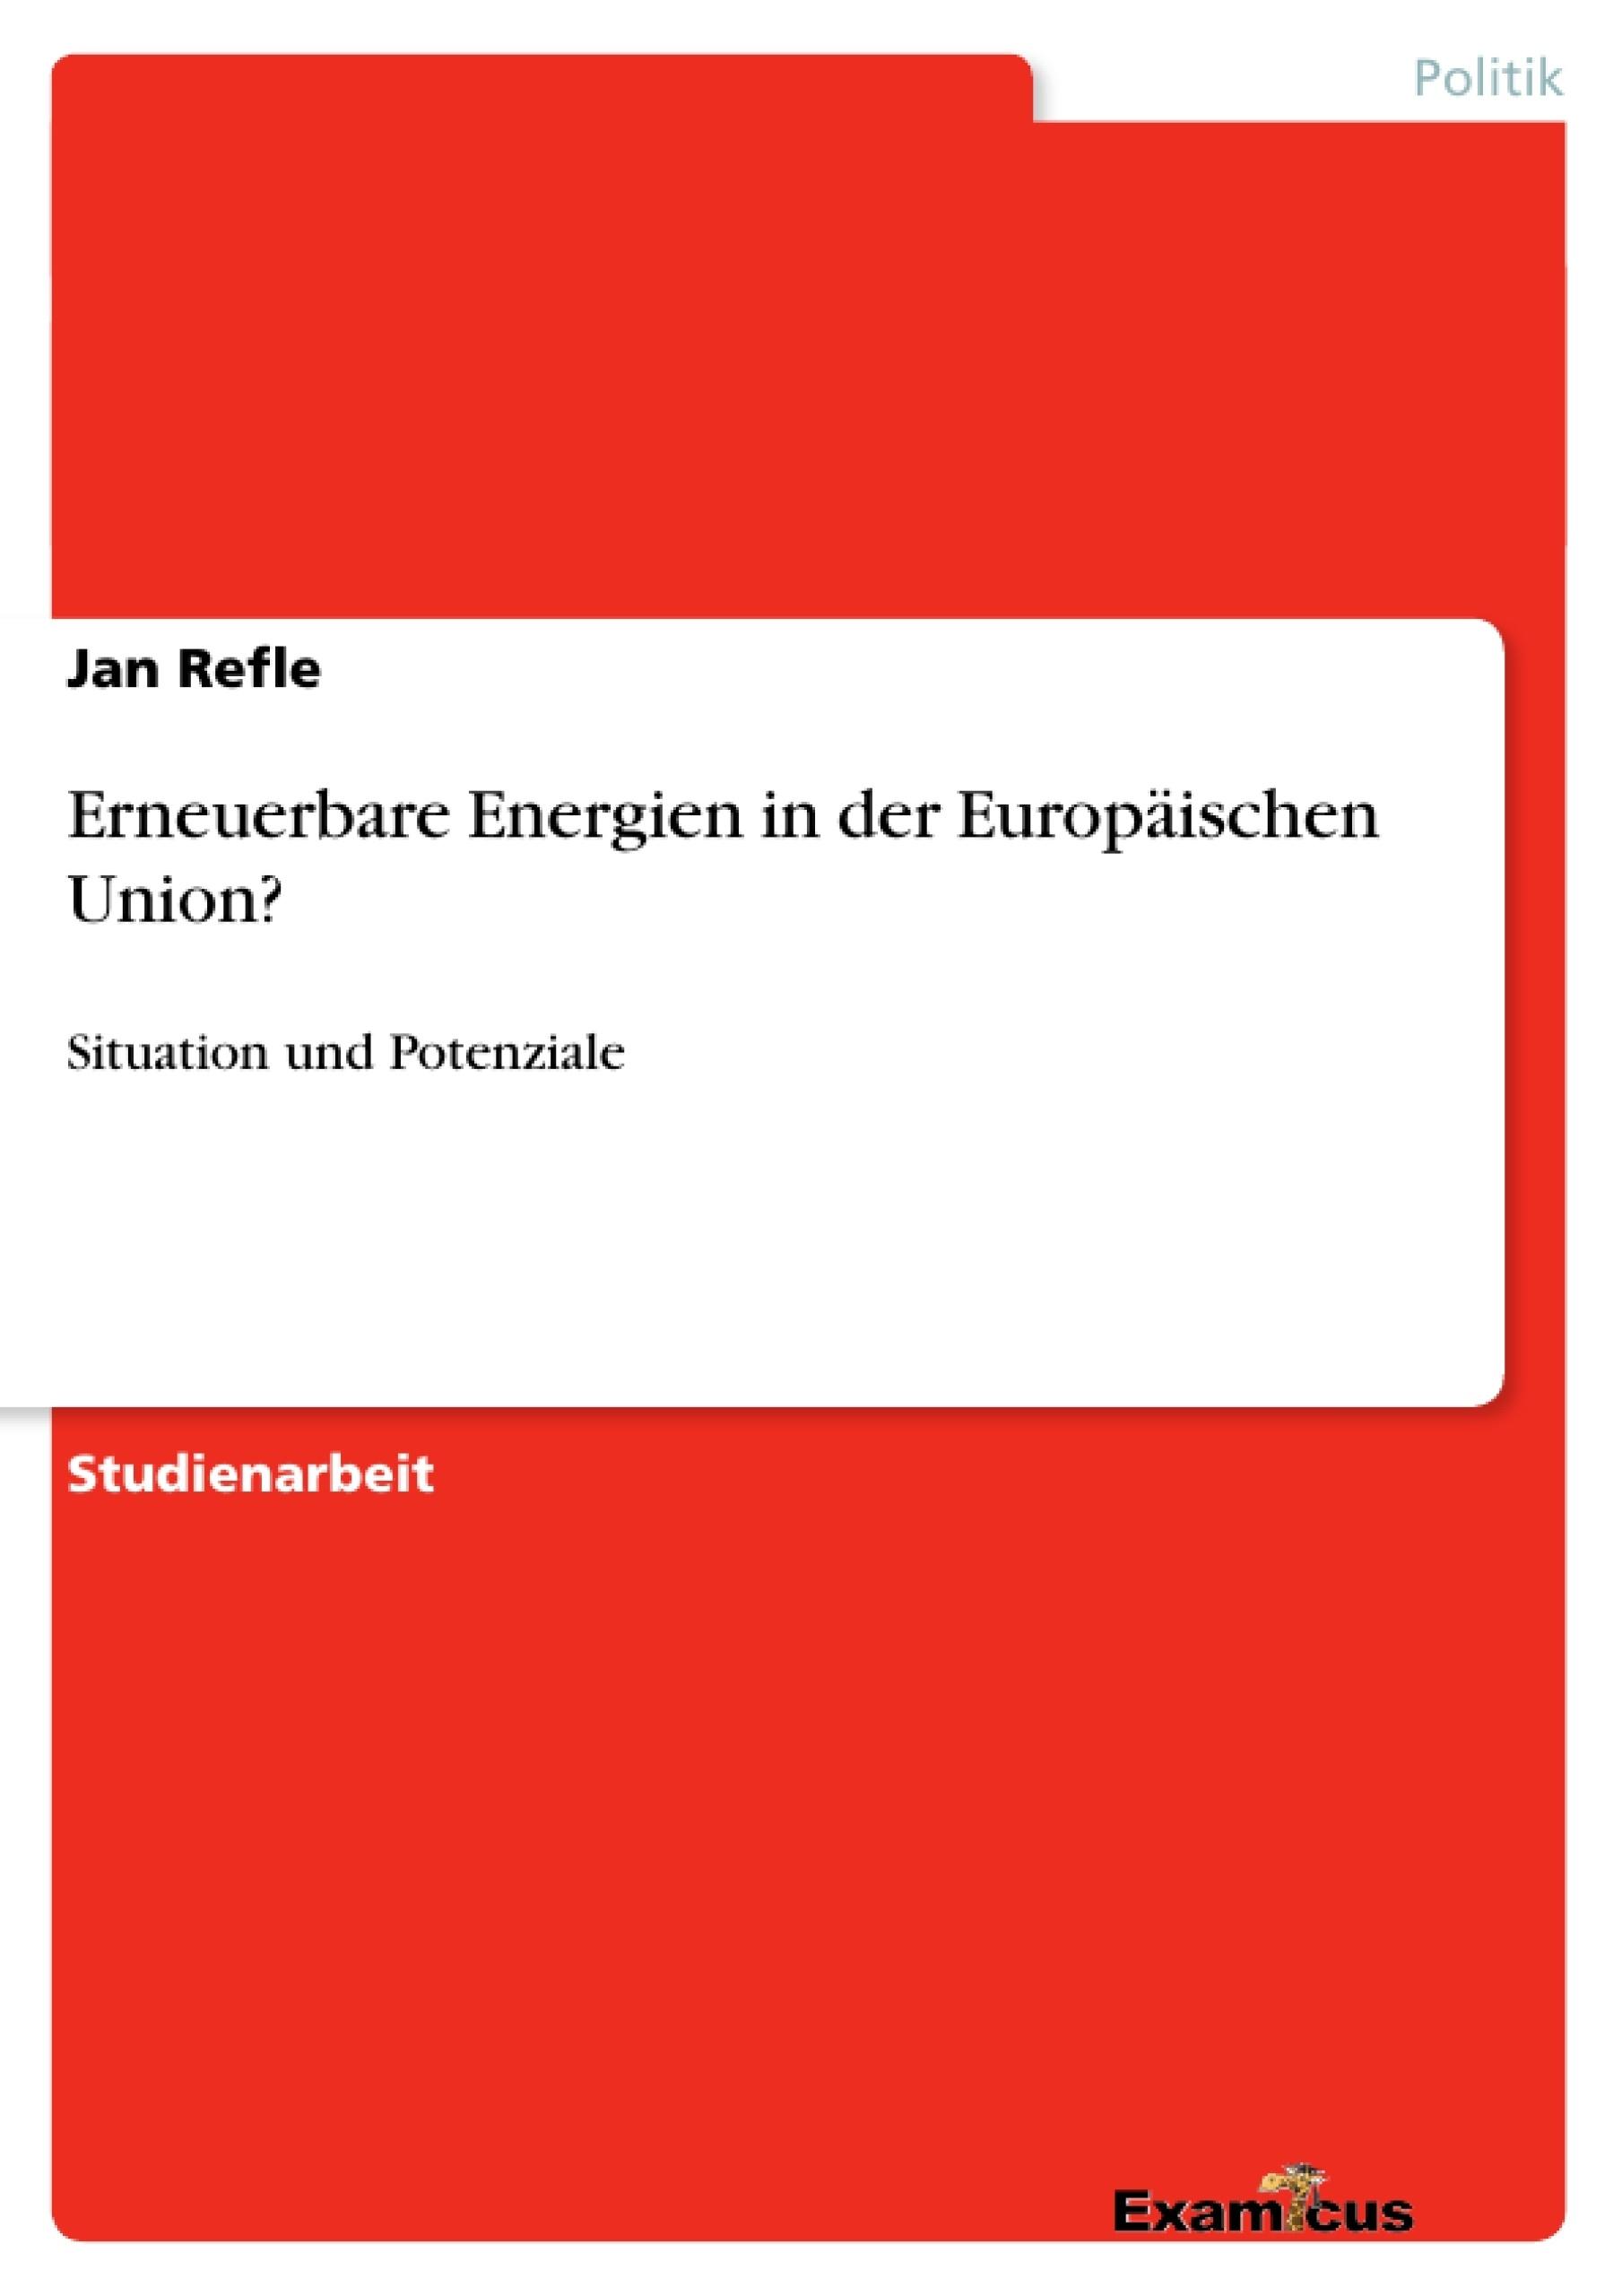 Titel: Erneuerbare Energien in der Europäischen Union?